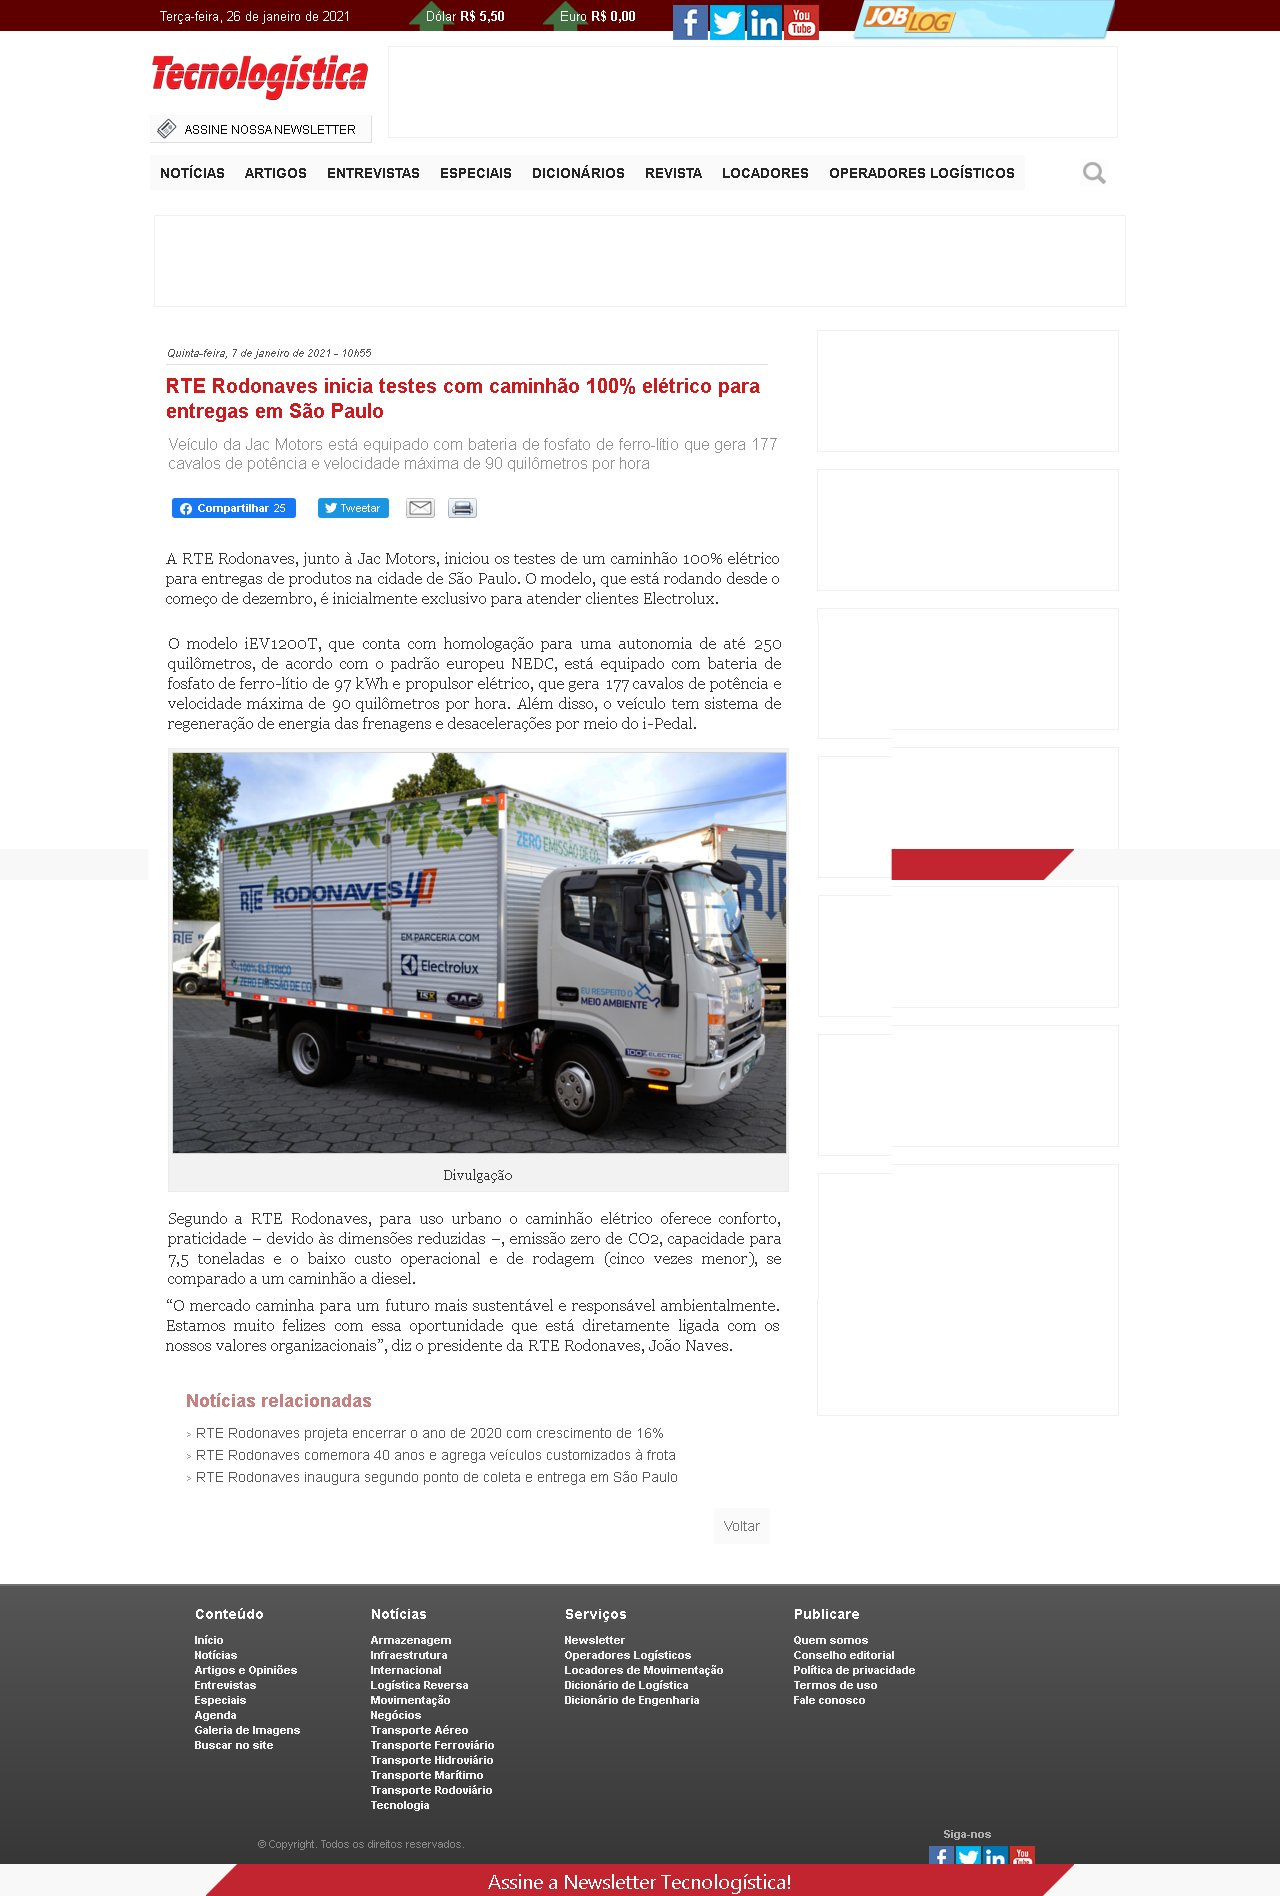 RTE Rodonaves inicia testes com caminhão 100% elétrico para entregas em São Paulo - Tecnologística